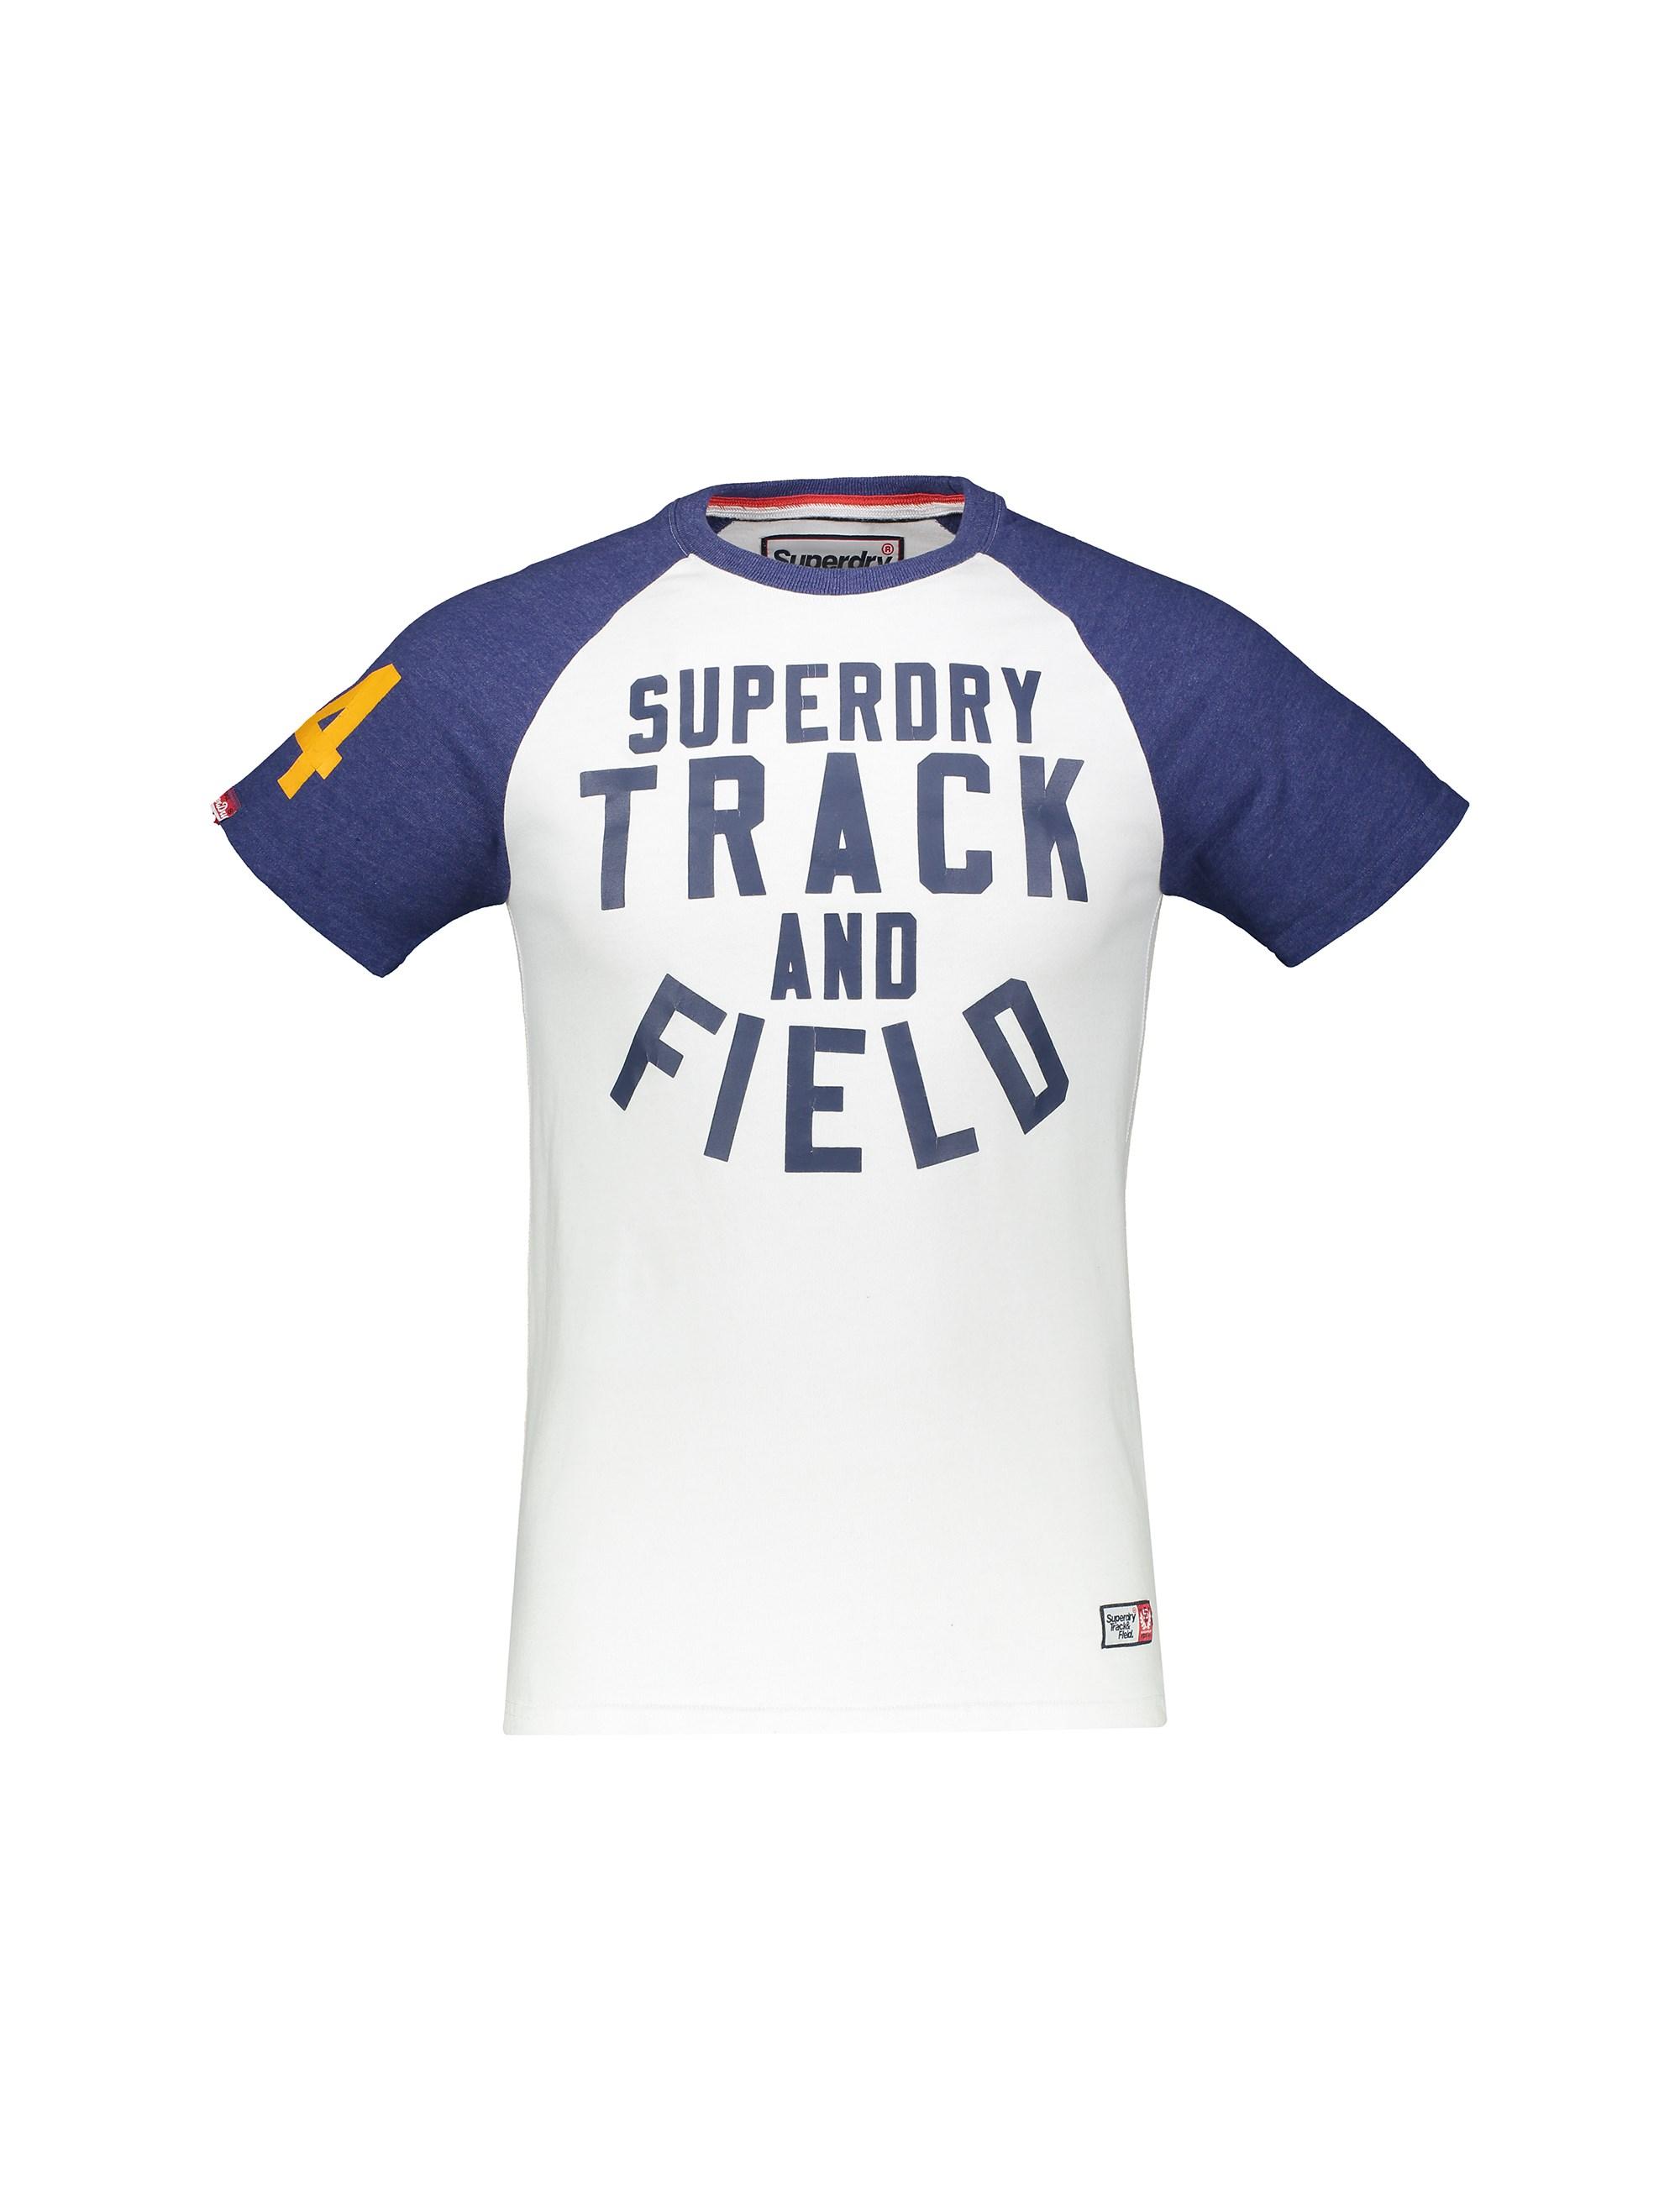 تی شرت نخی آستین کوتاه مردانه Track & Field - سوپردرای